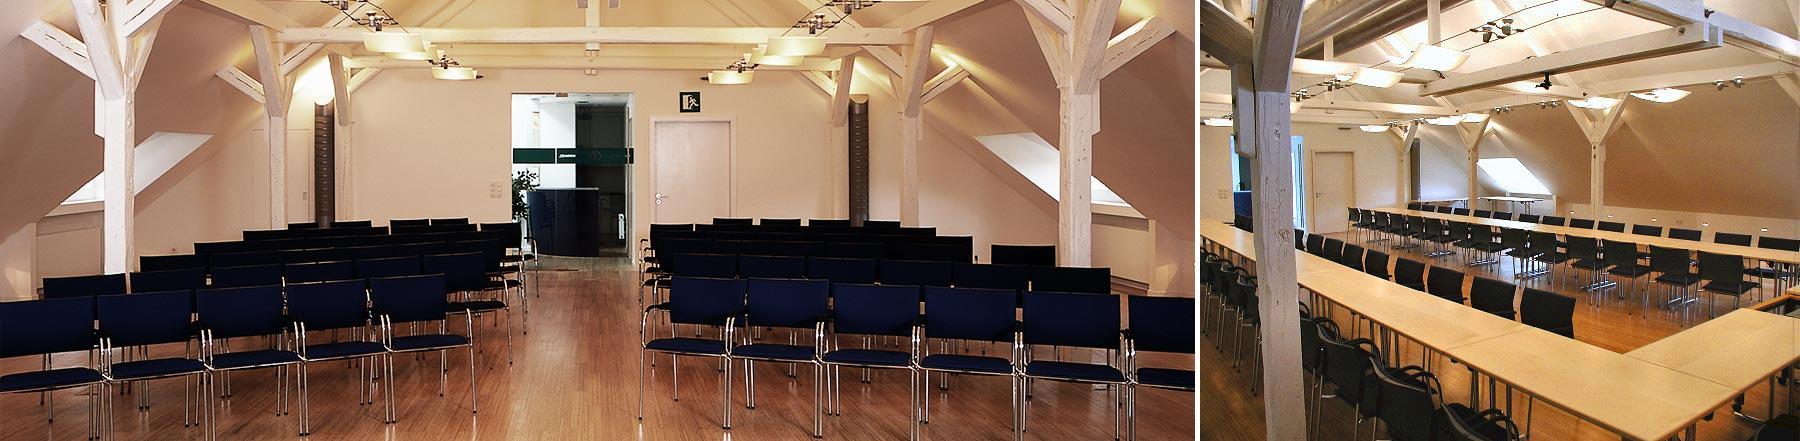 Referenz Innenarchitektur SDW DESIGN Schloss Hasenwinkel Tagungsraum